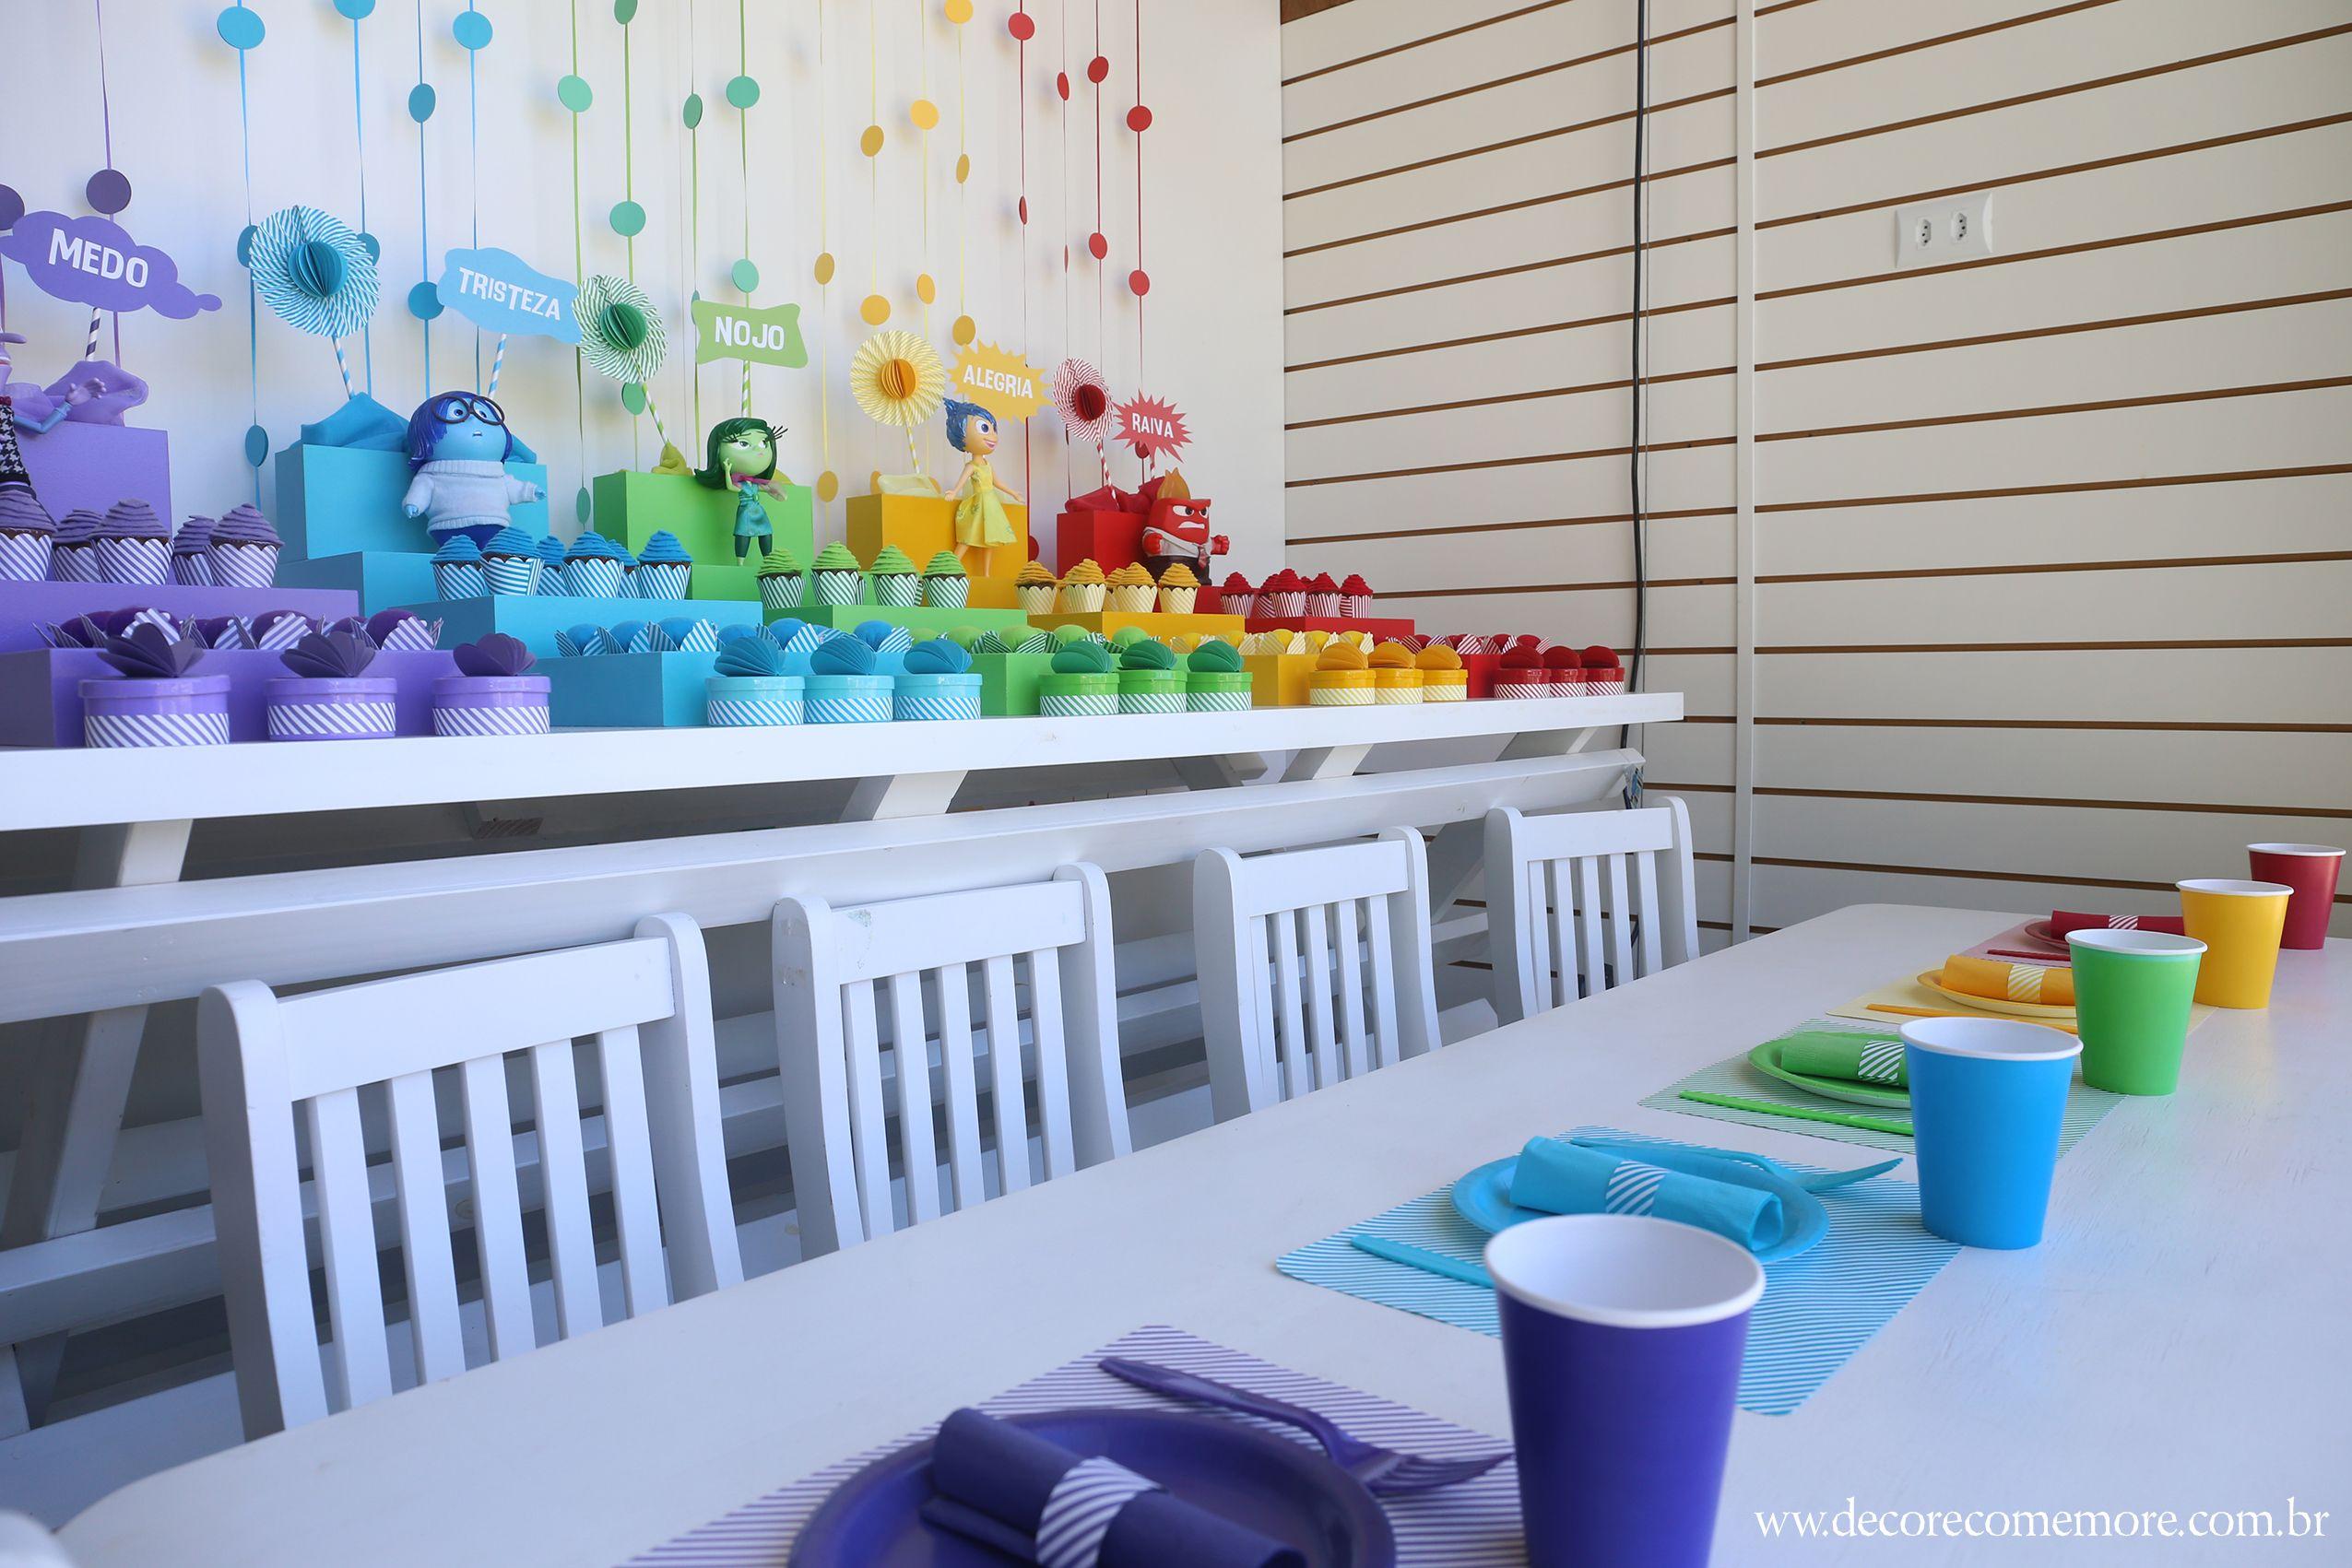 Festa Divertida Mente by Decore & Comemore // Mesa decorada papelaria e peças nas cores de cada personagem. Personagens e peças disponíveis para locação. Mesa infantil e cadeiras também para locação.